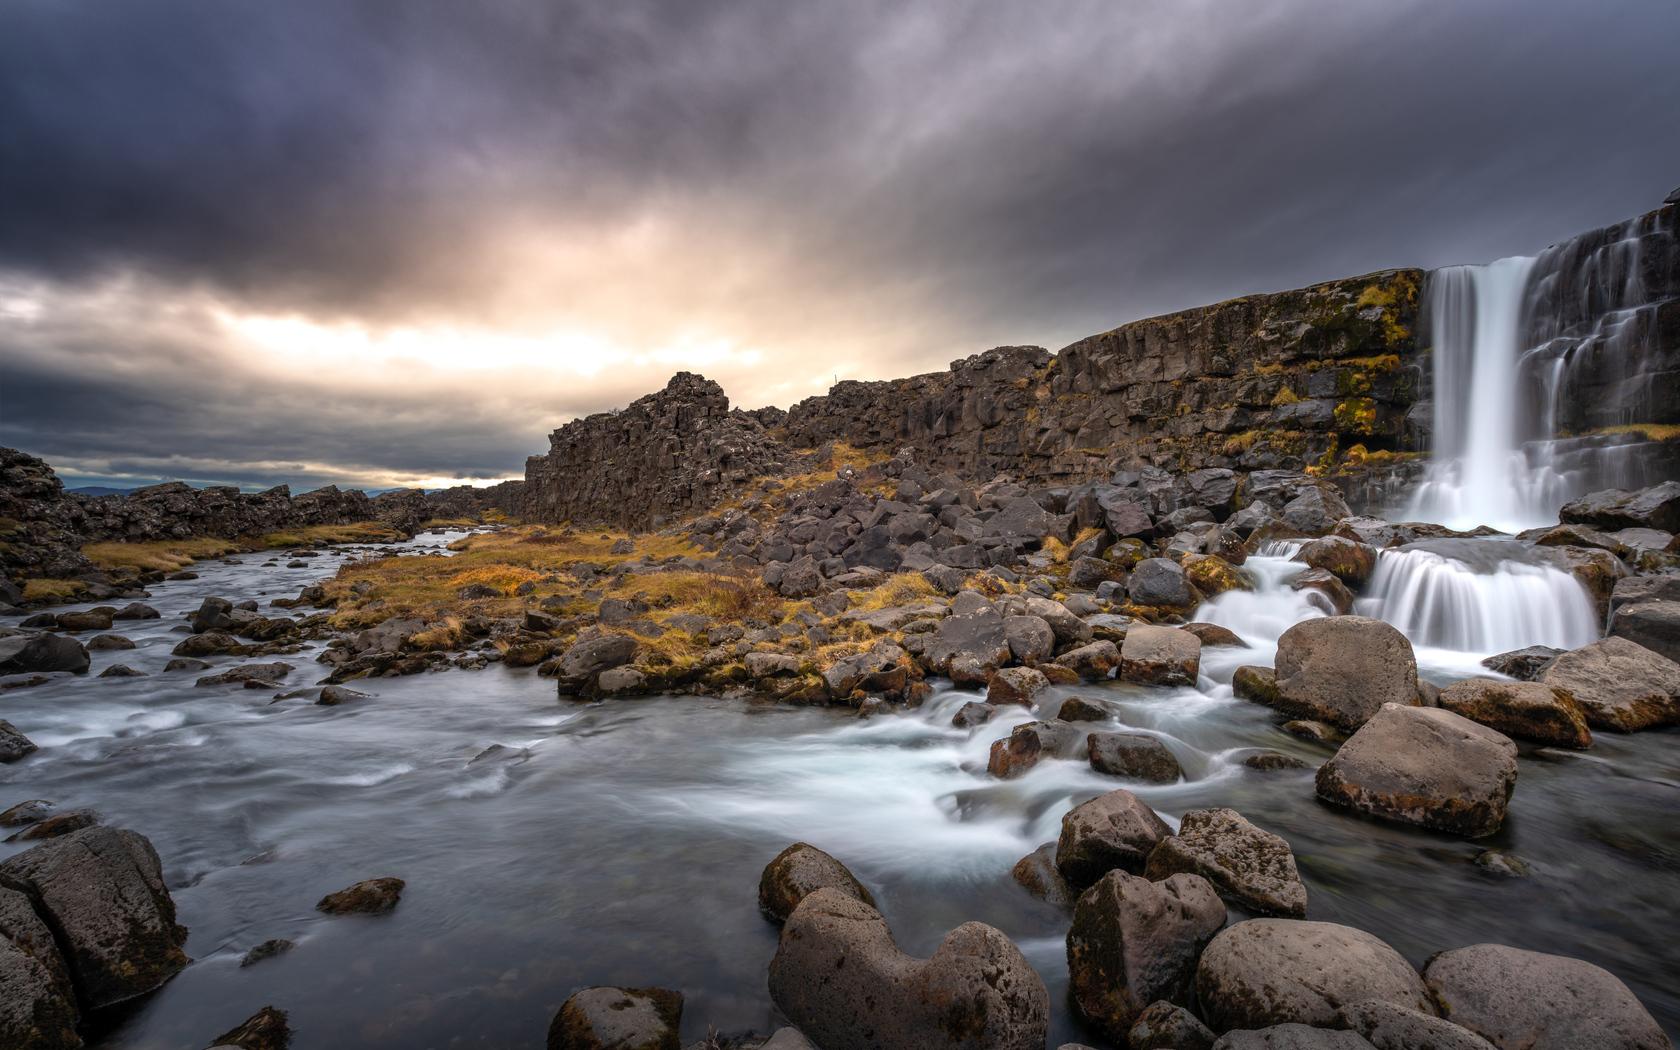 rocks-waterfall-8k-xe.jpg